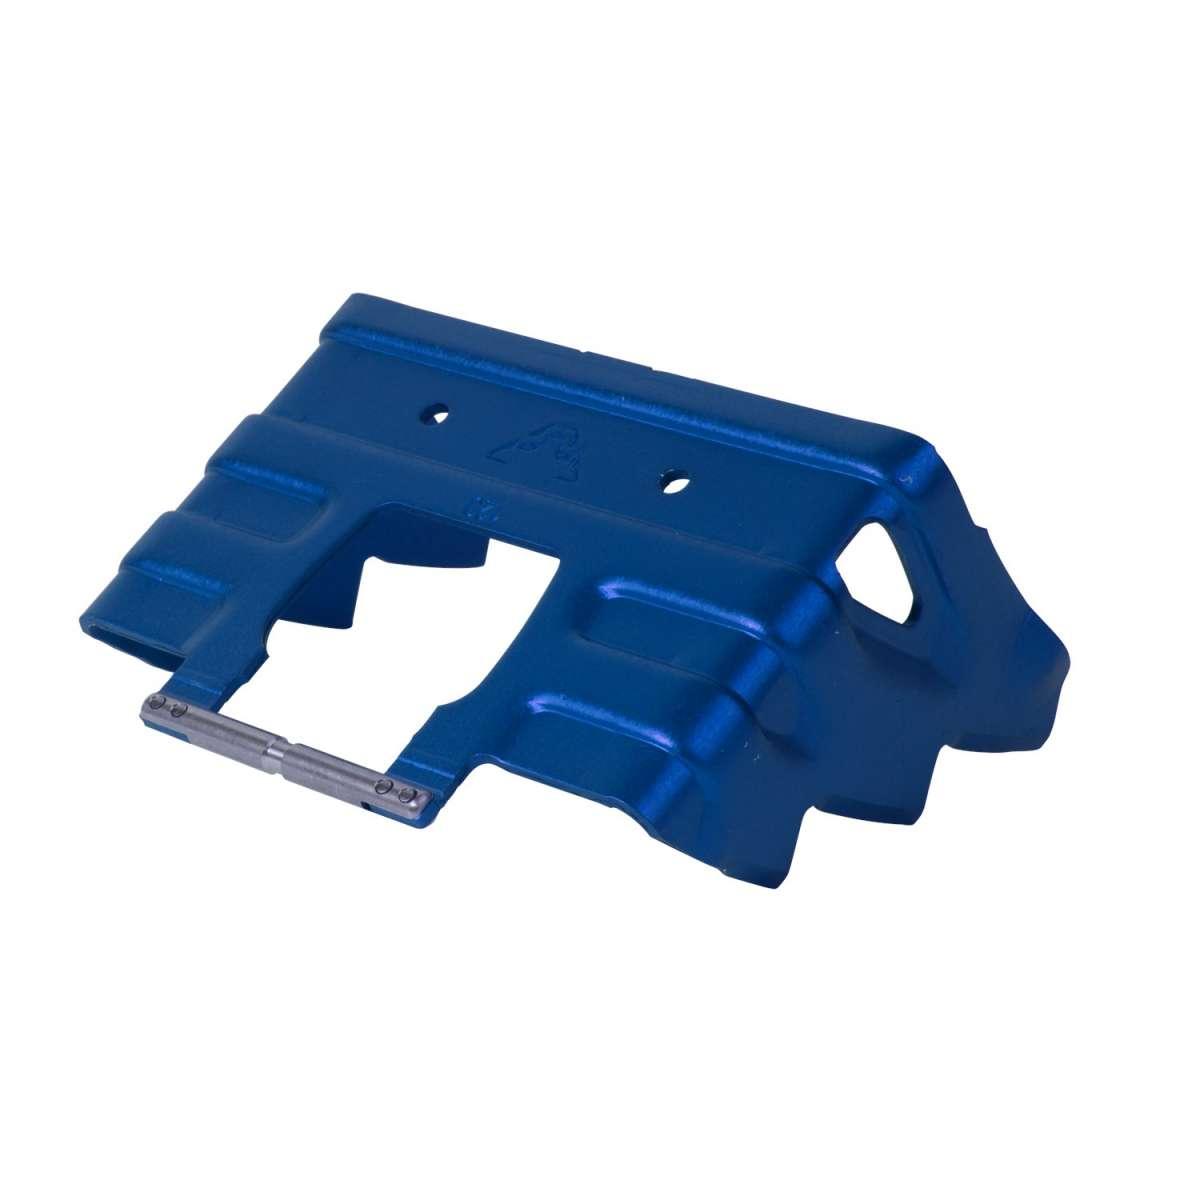 DYNAFIT Crampons 90mm 3510 blue -